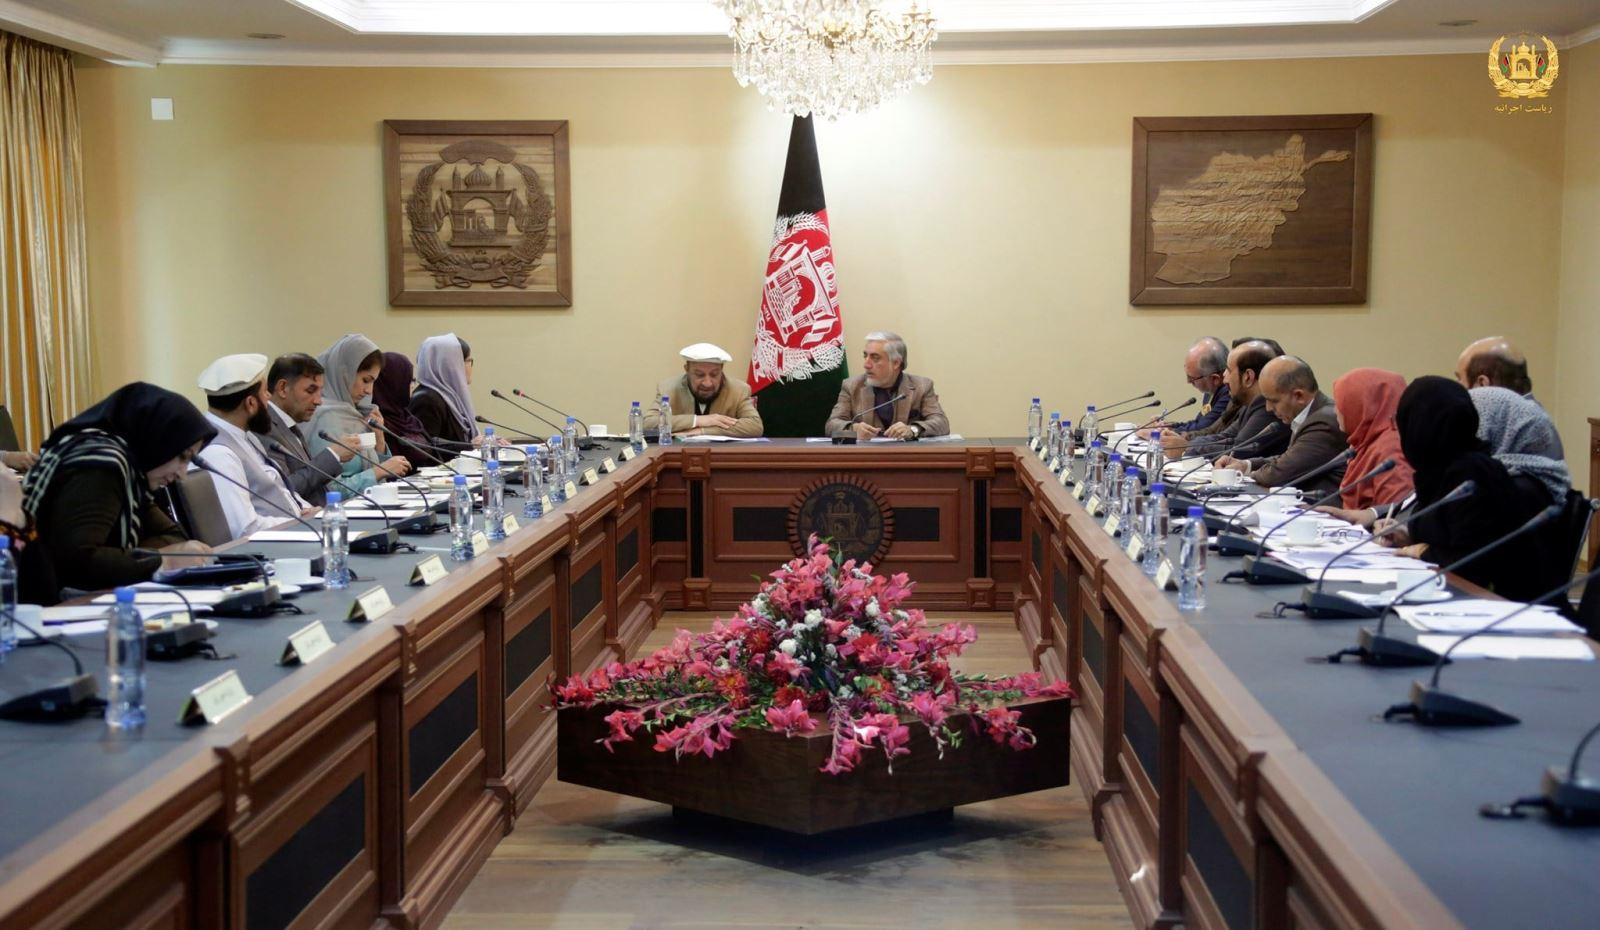 پالیسیهای رسانهای و محرمیت مرکزهای حمایوی و کارشیوۀ نظارت از کارکردهای کمیتههای منع آزار و اذیت زنان تأیید شد